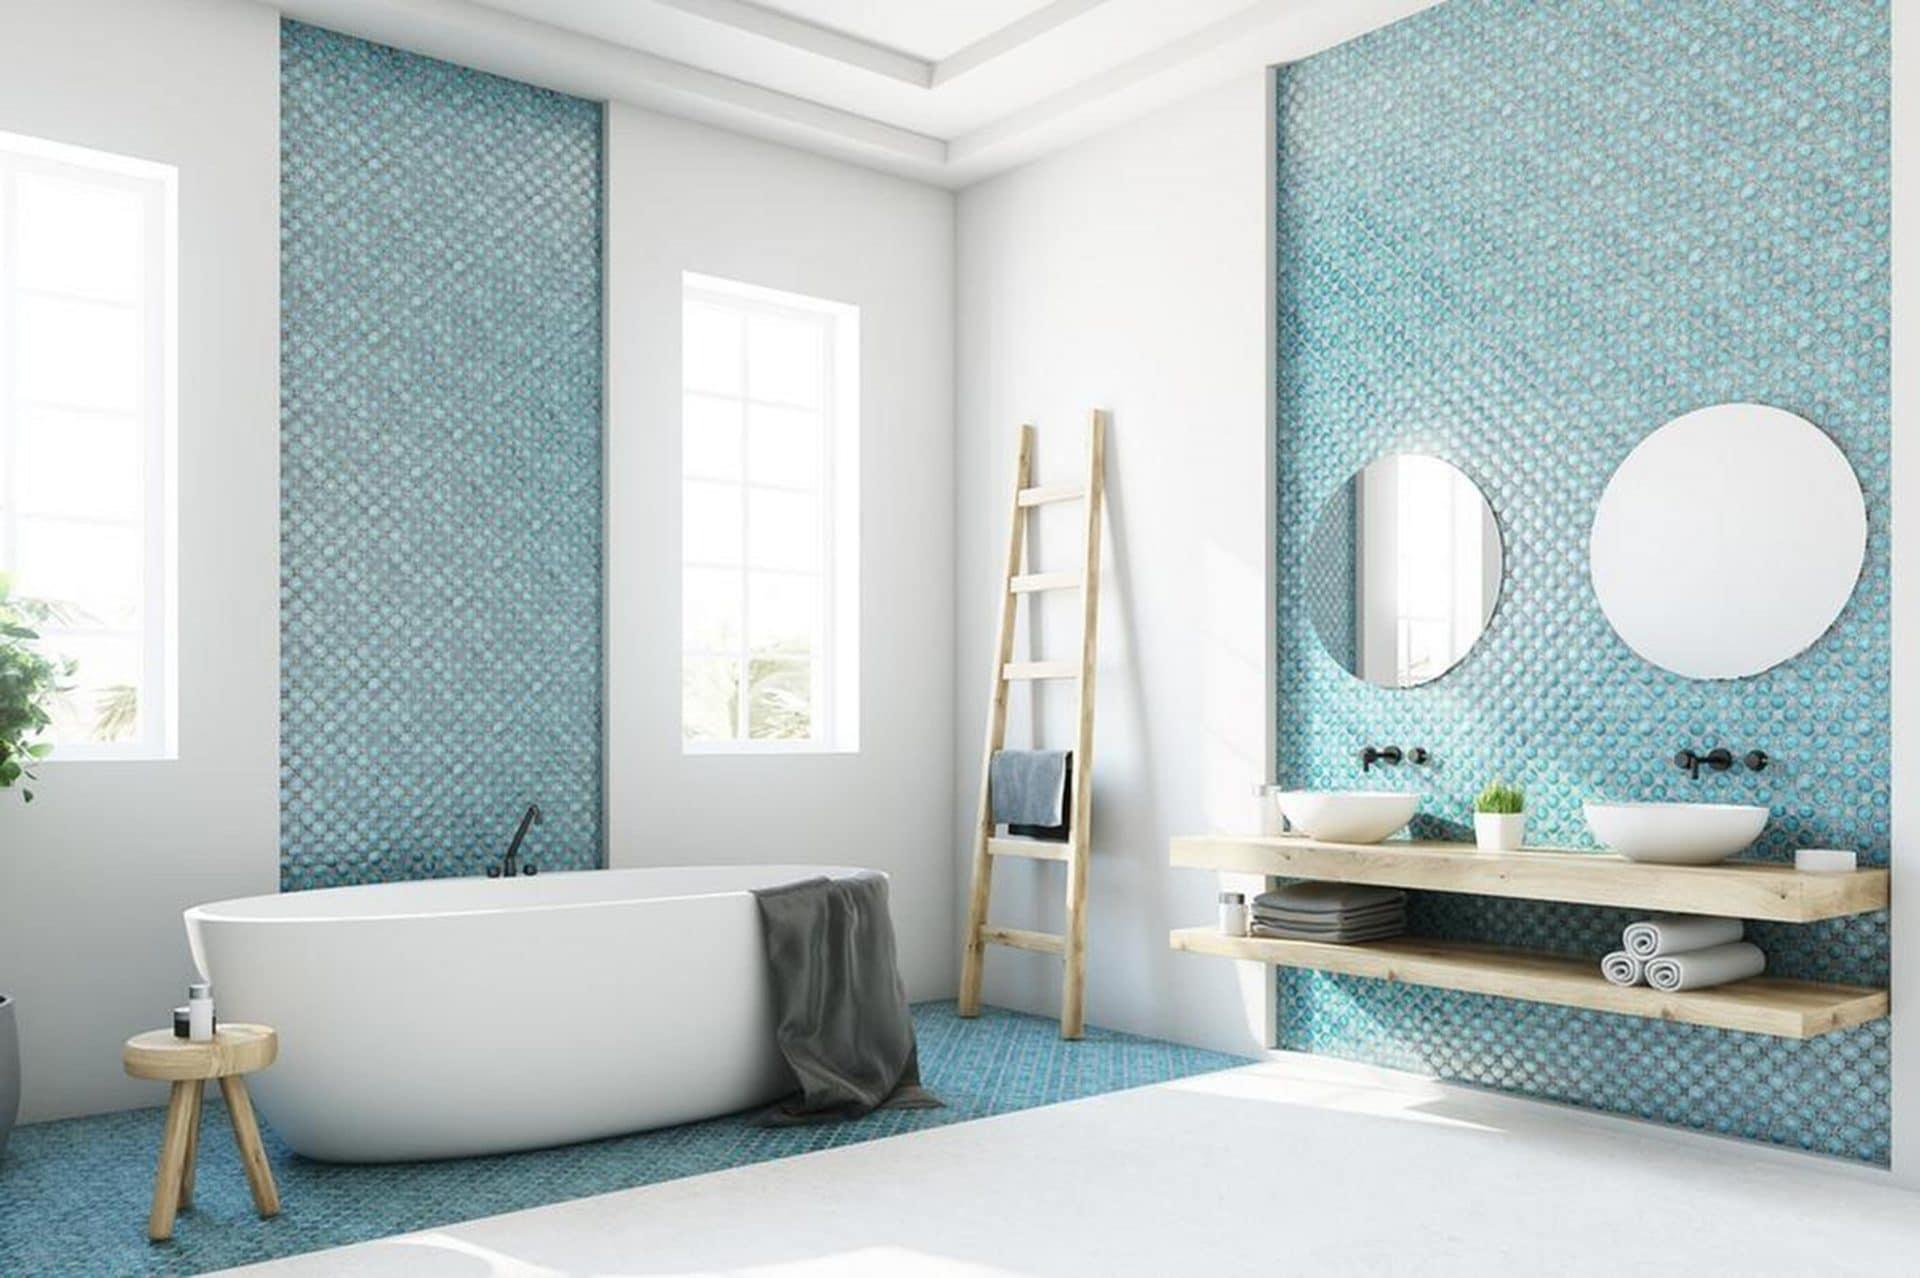 rénovation salle de bain, refaire une salle de bain et douche - illico